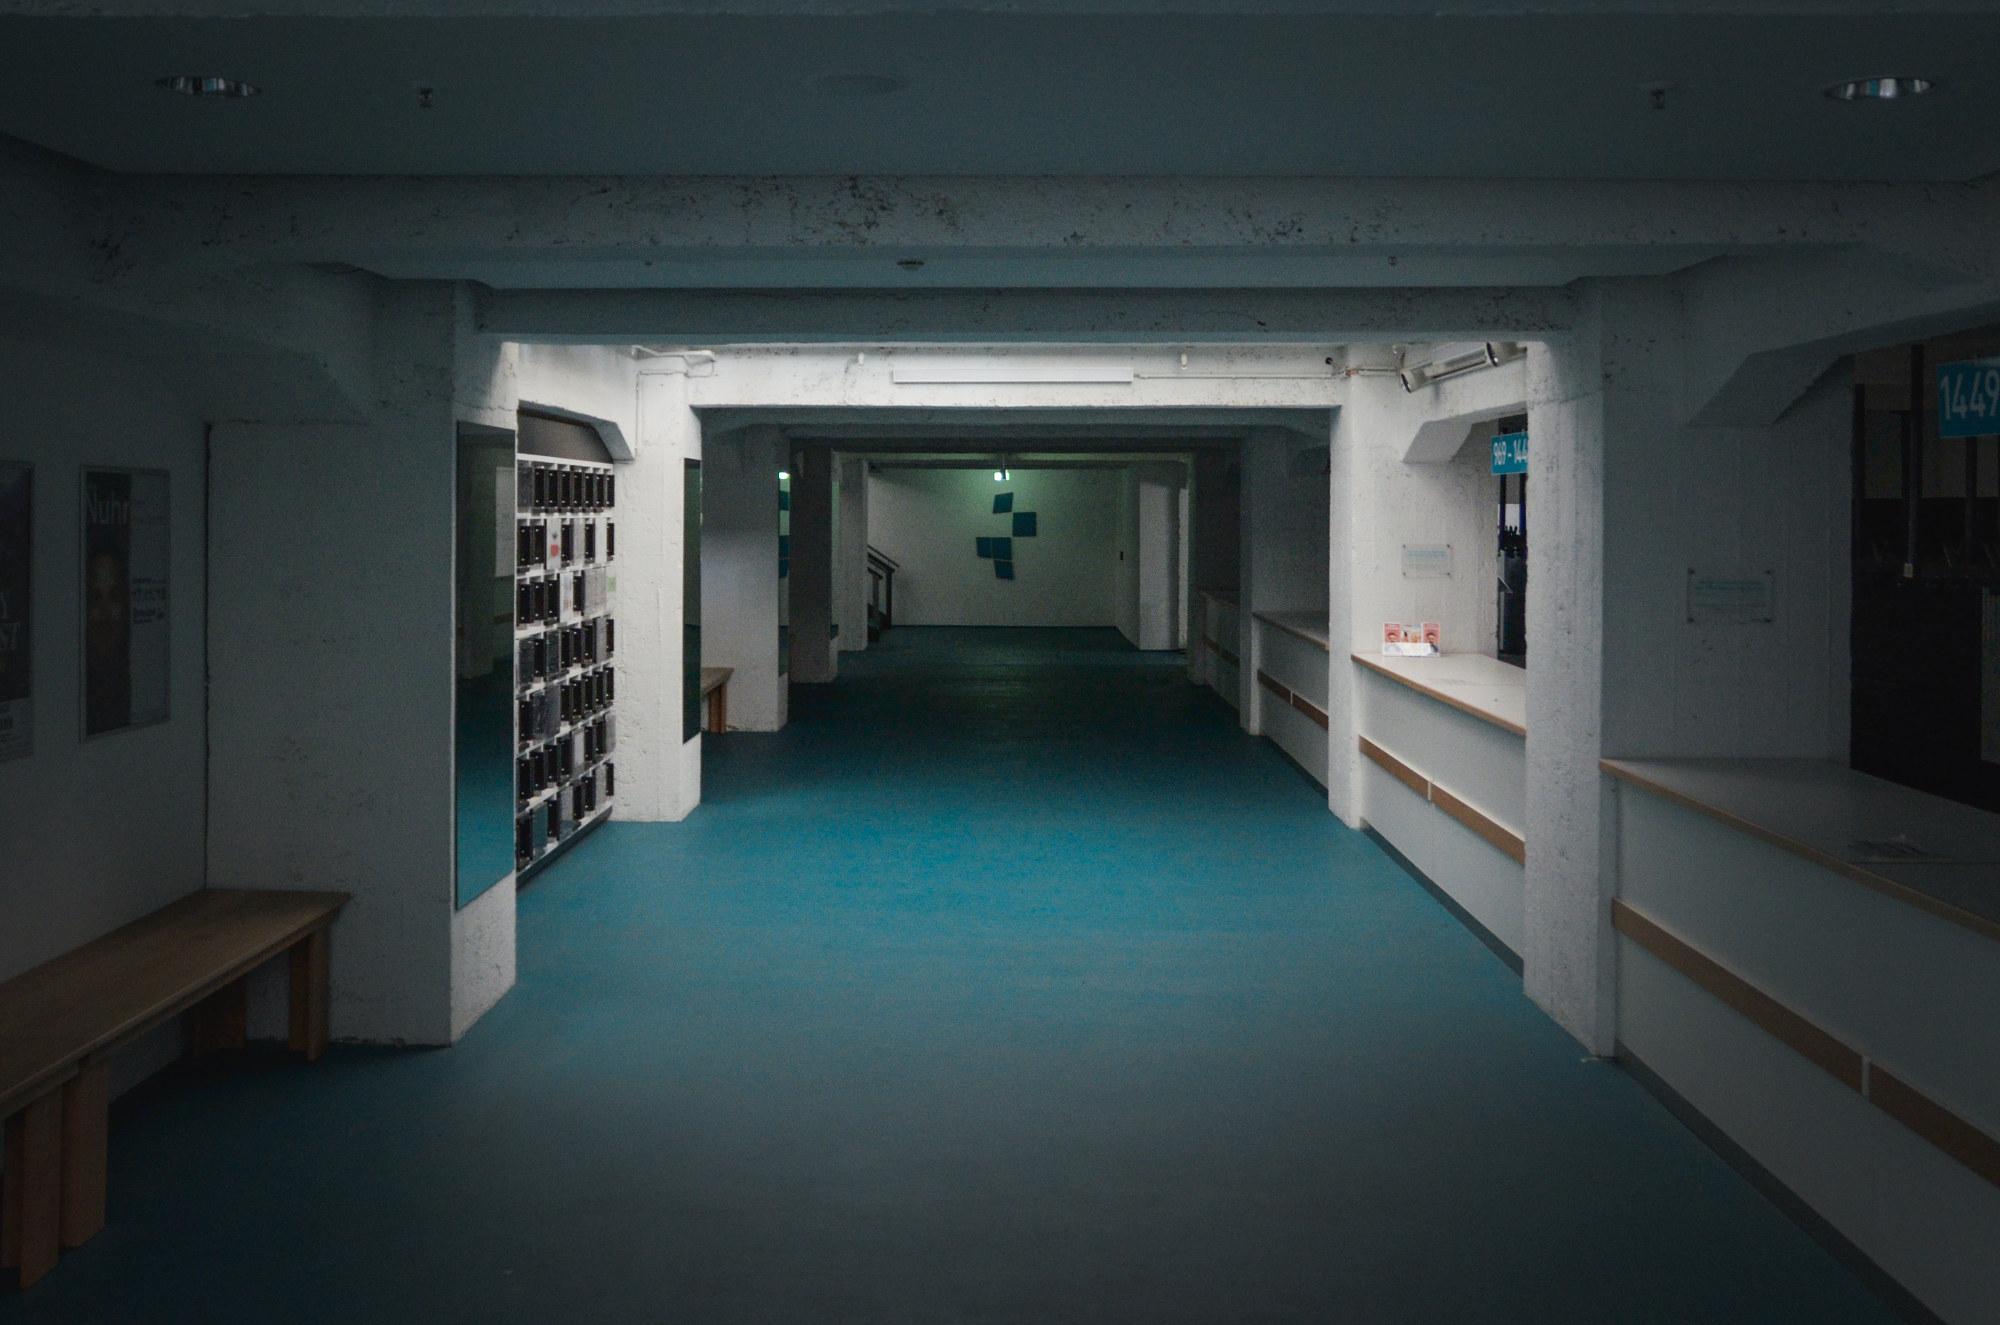 Il sotterraneo in cui era tenuto prigioniero Kurt Vonnegut, oggi